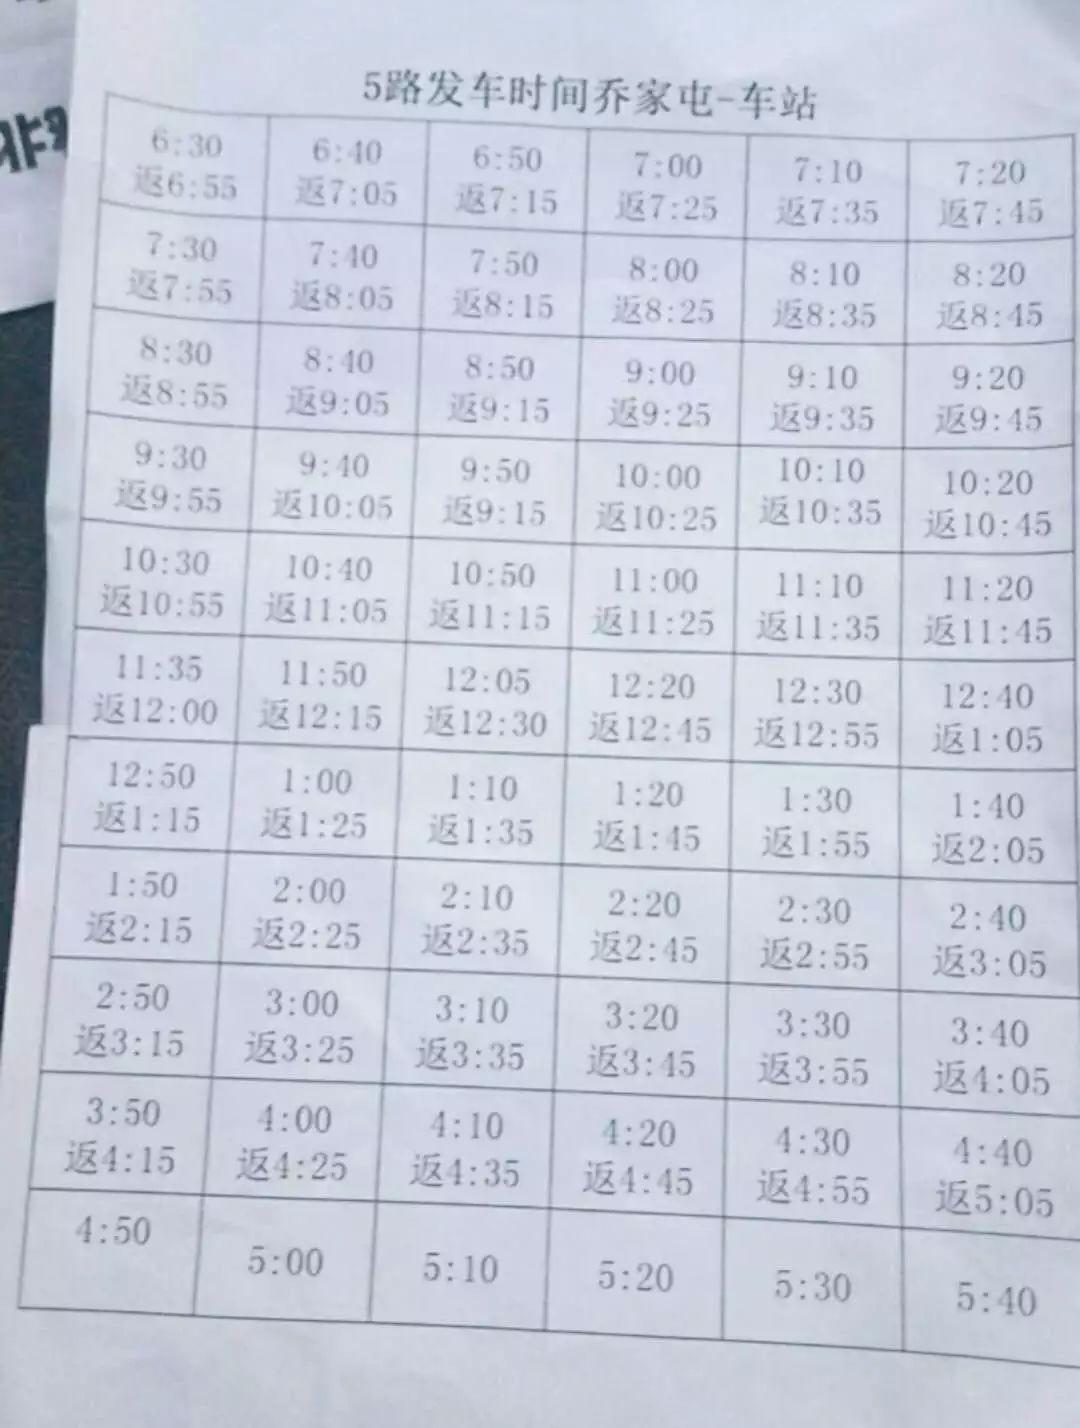 头条 白城5路公交车最新时间表,快看看是不是经过你家?